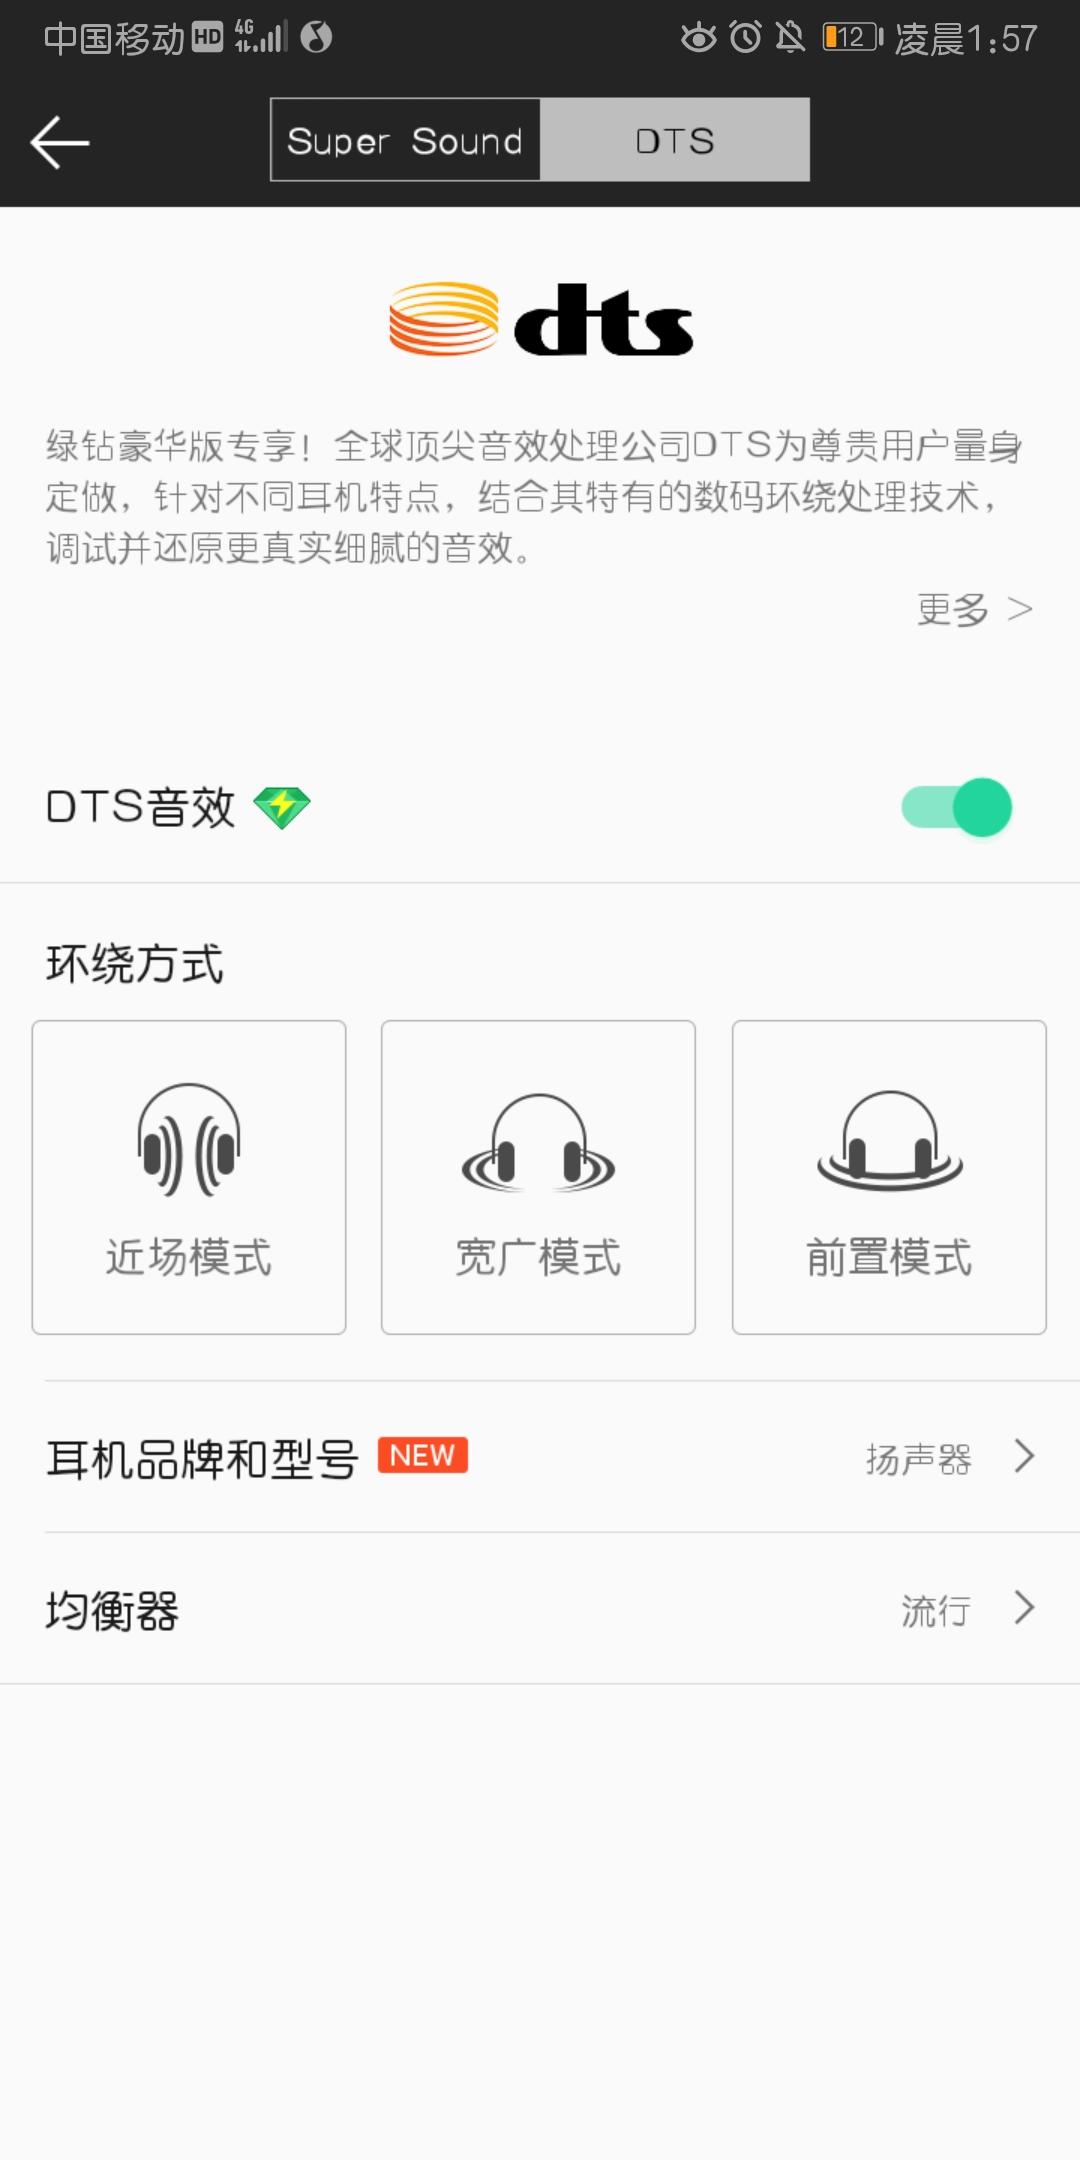 【分享】QQ音乐清爽●DTS破解v9.6.0-爱小助